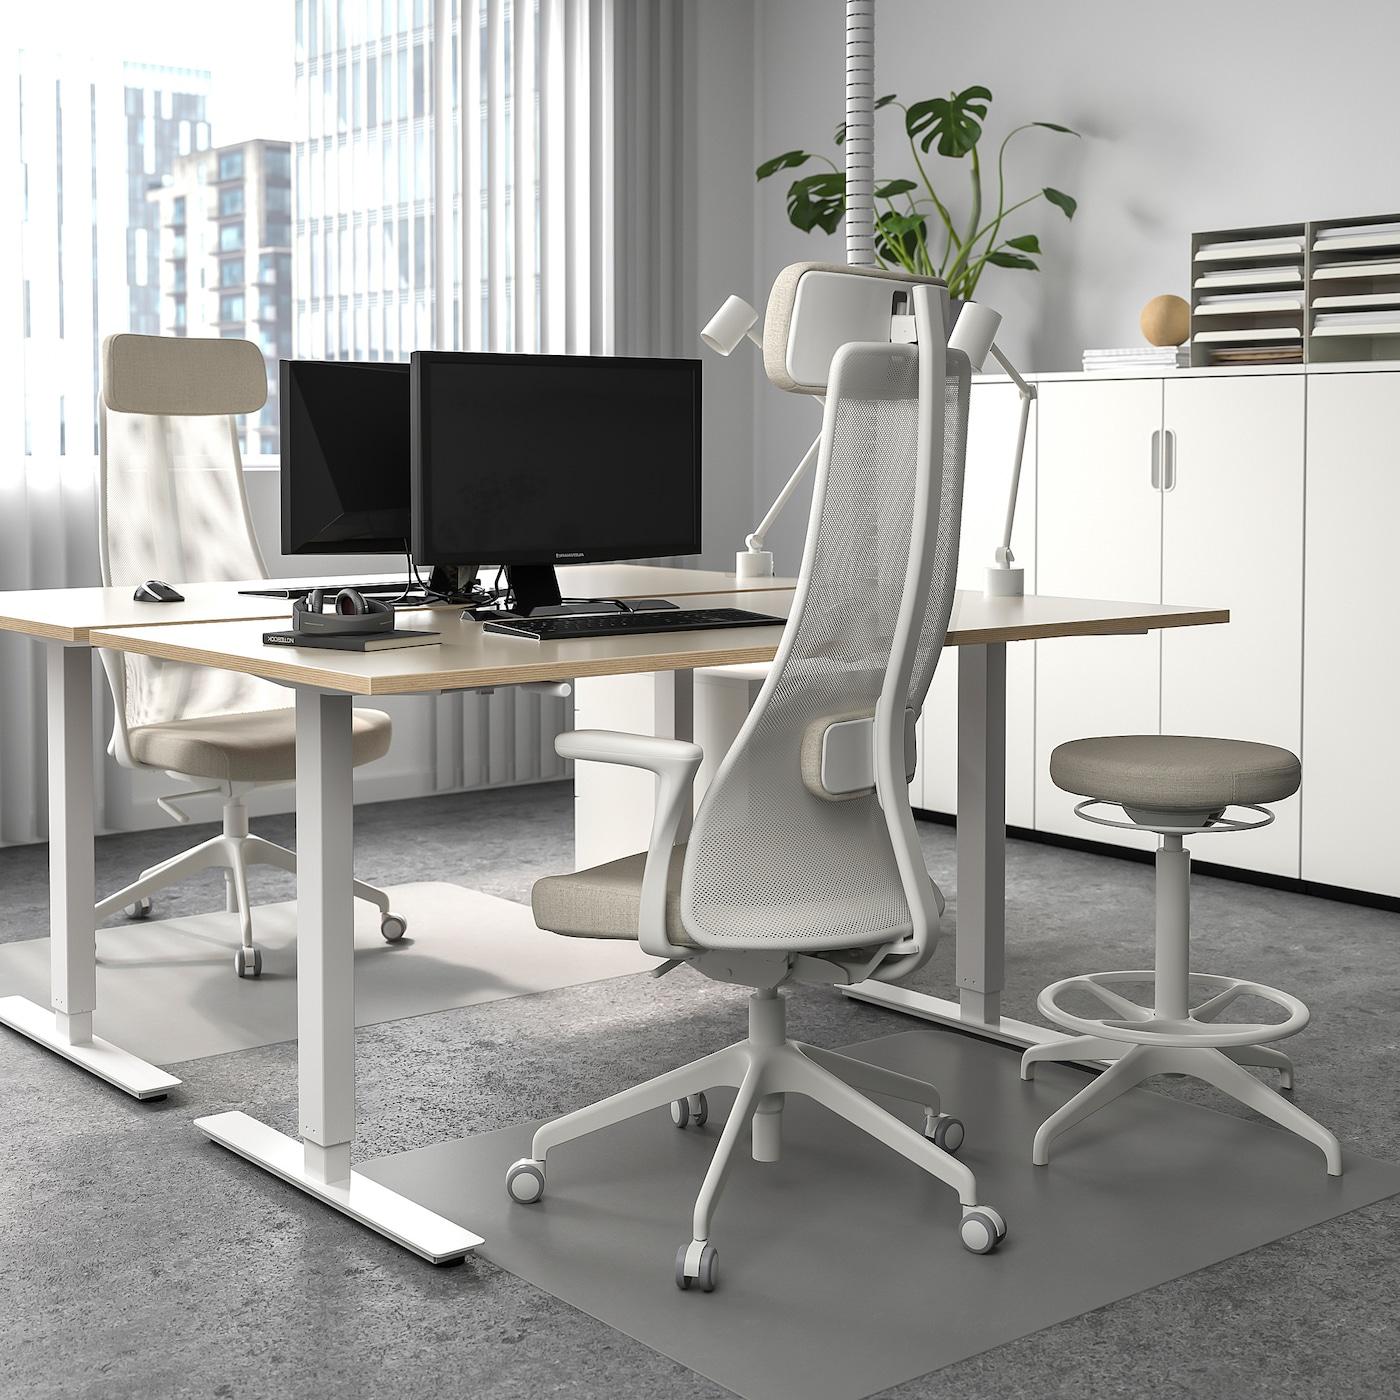 SKARSTA Polohovací stůl, béžová/bílá, 160x80 cm